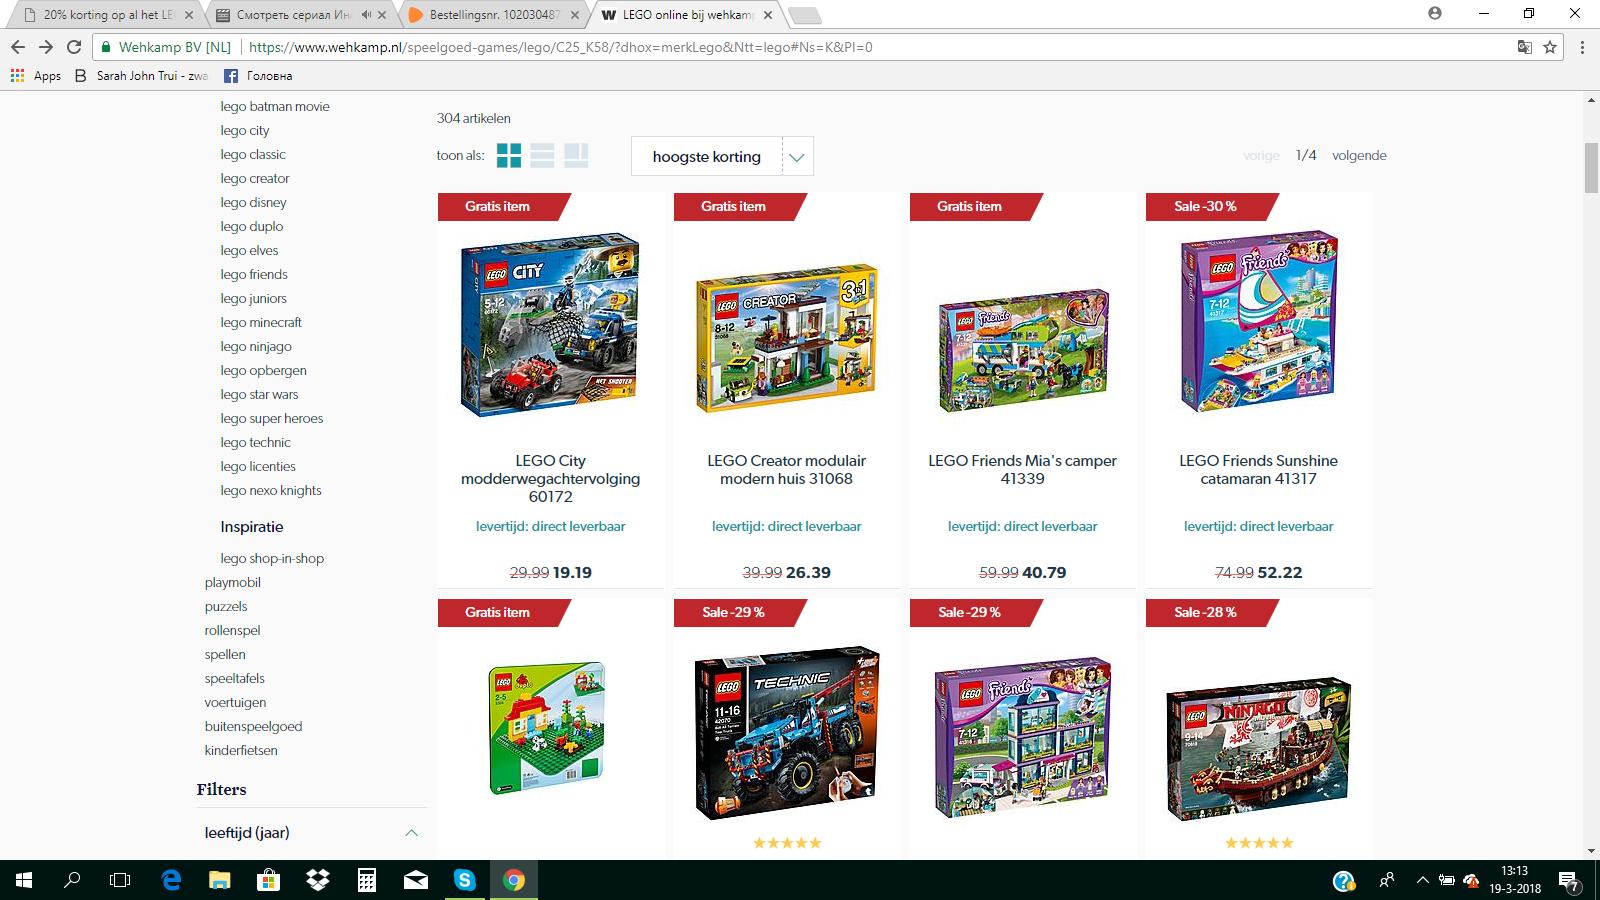 Lego tot 36% korting bij WEHKAMP+GRATIS LEGO Easter Bunny hut